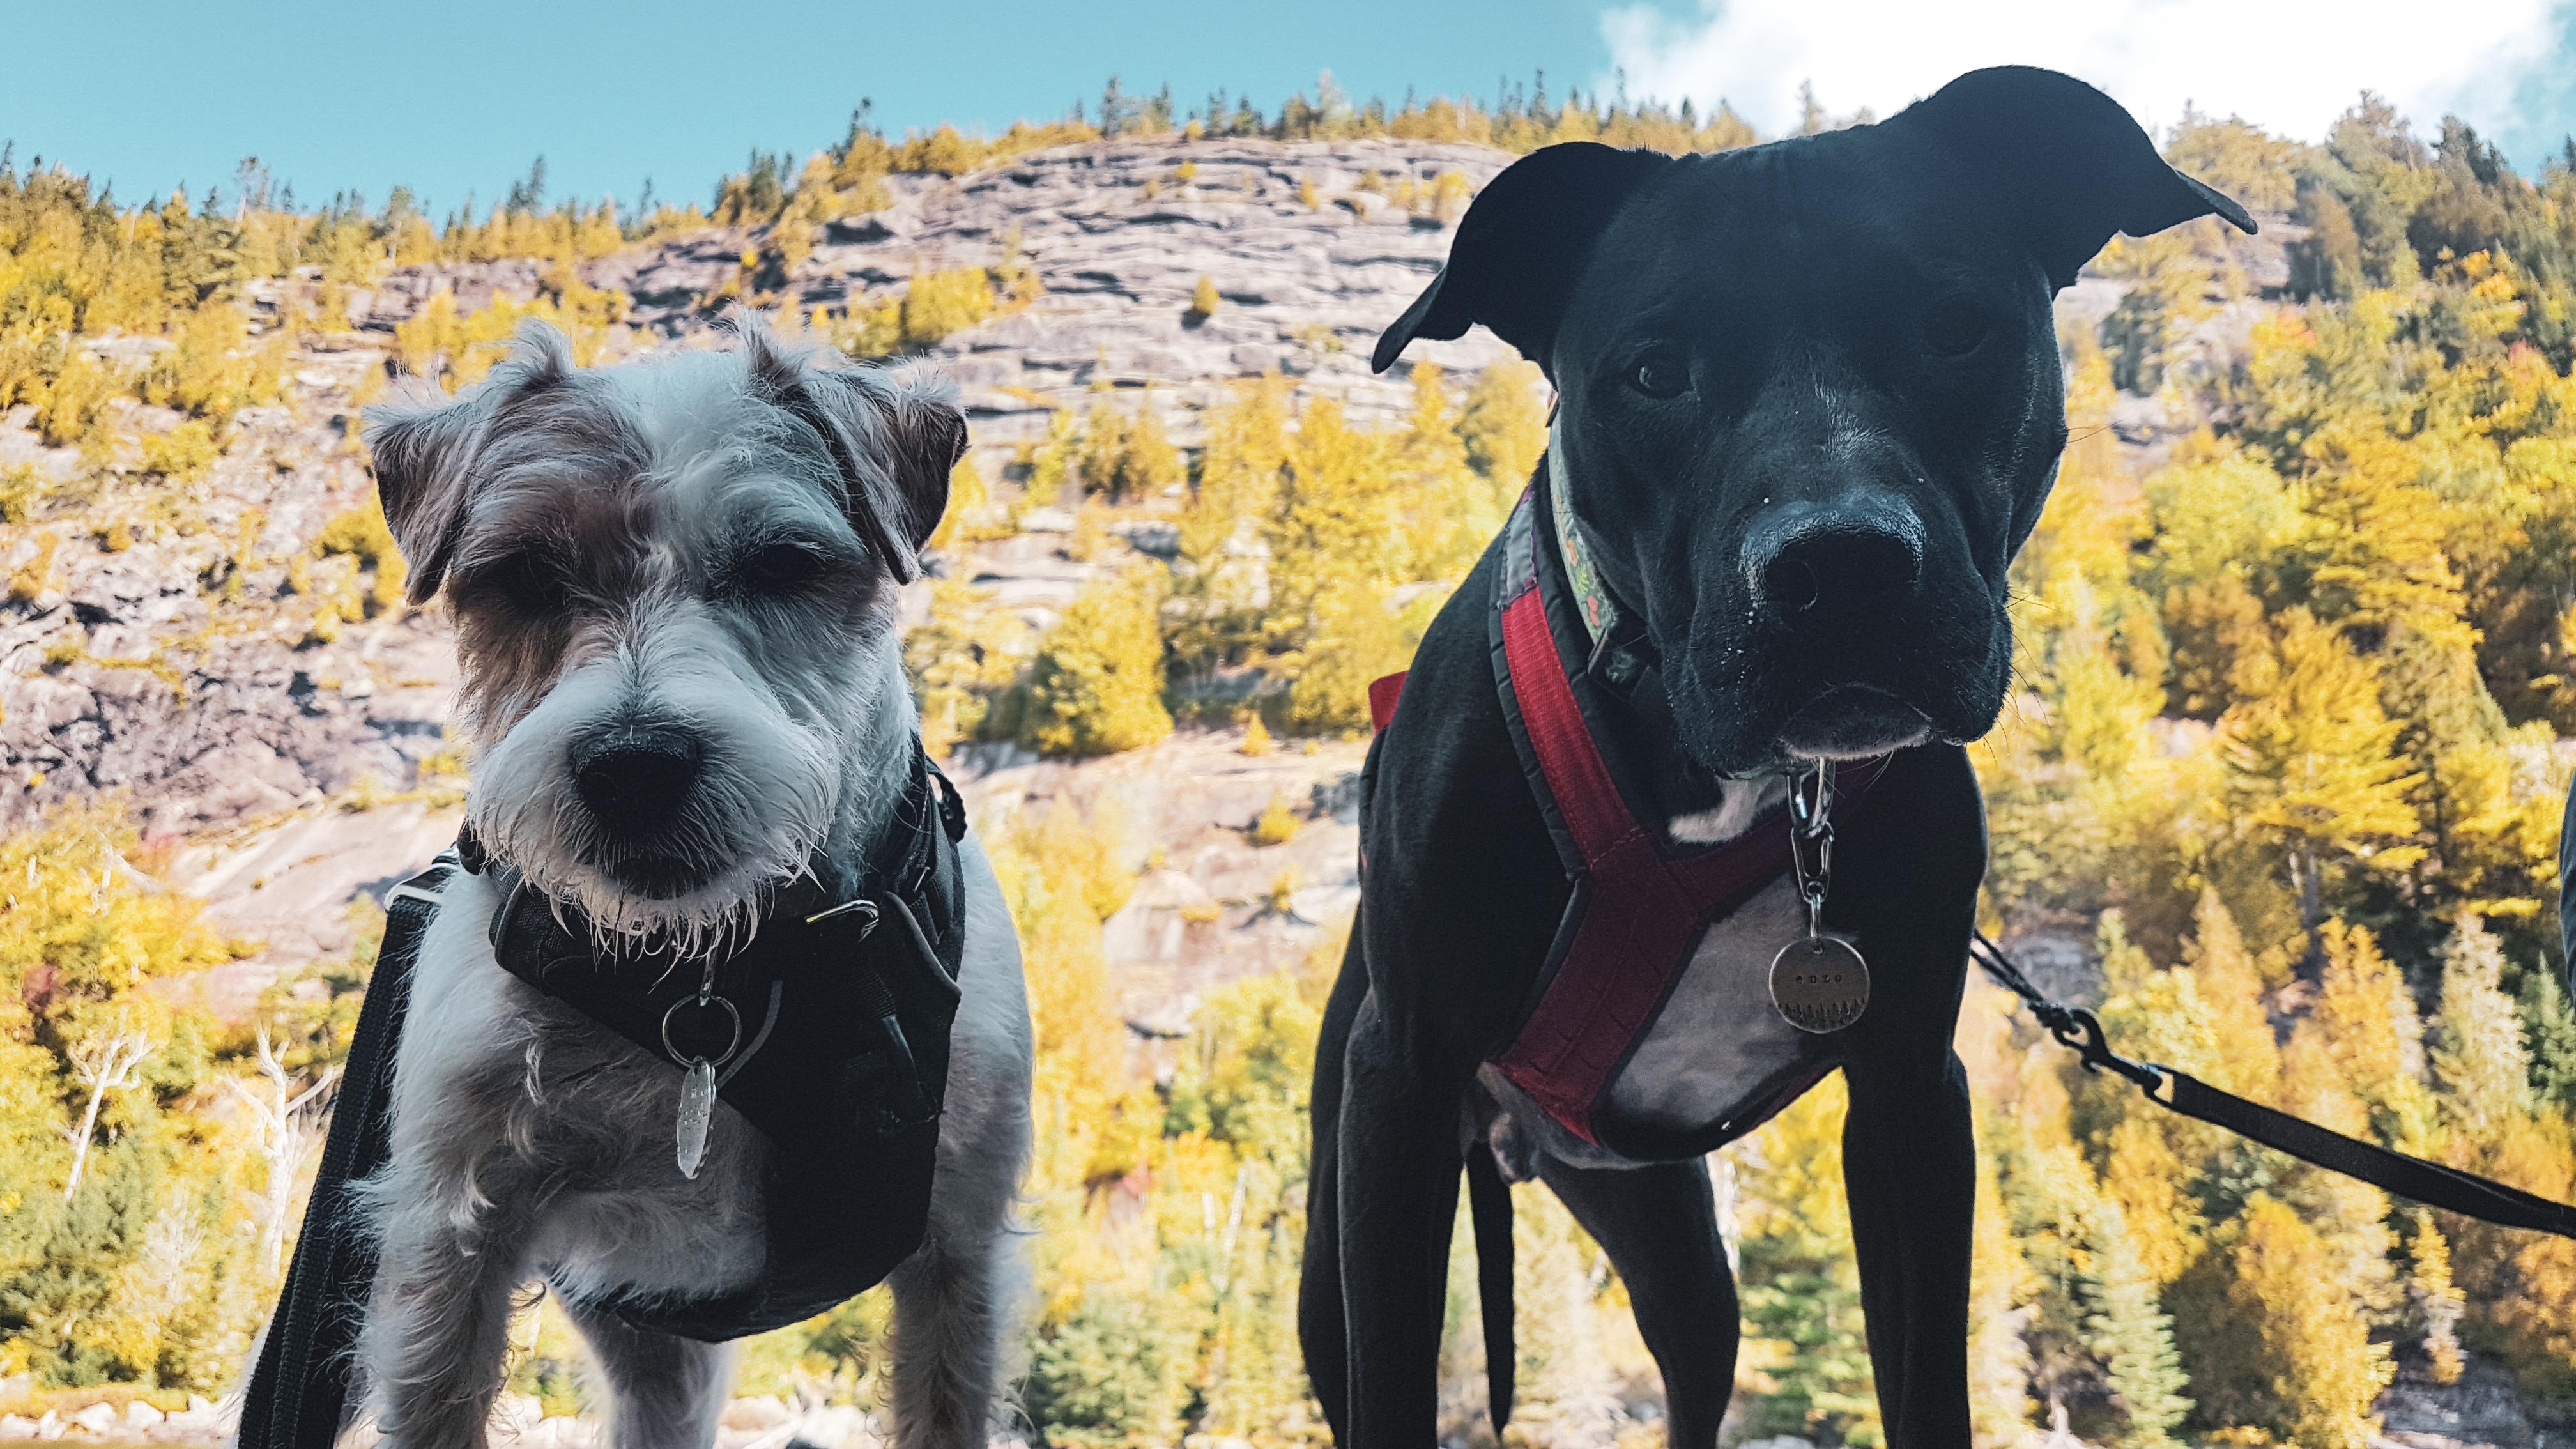 Deux chiens devant un mur rocheux